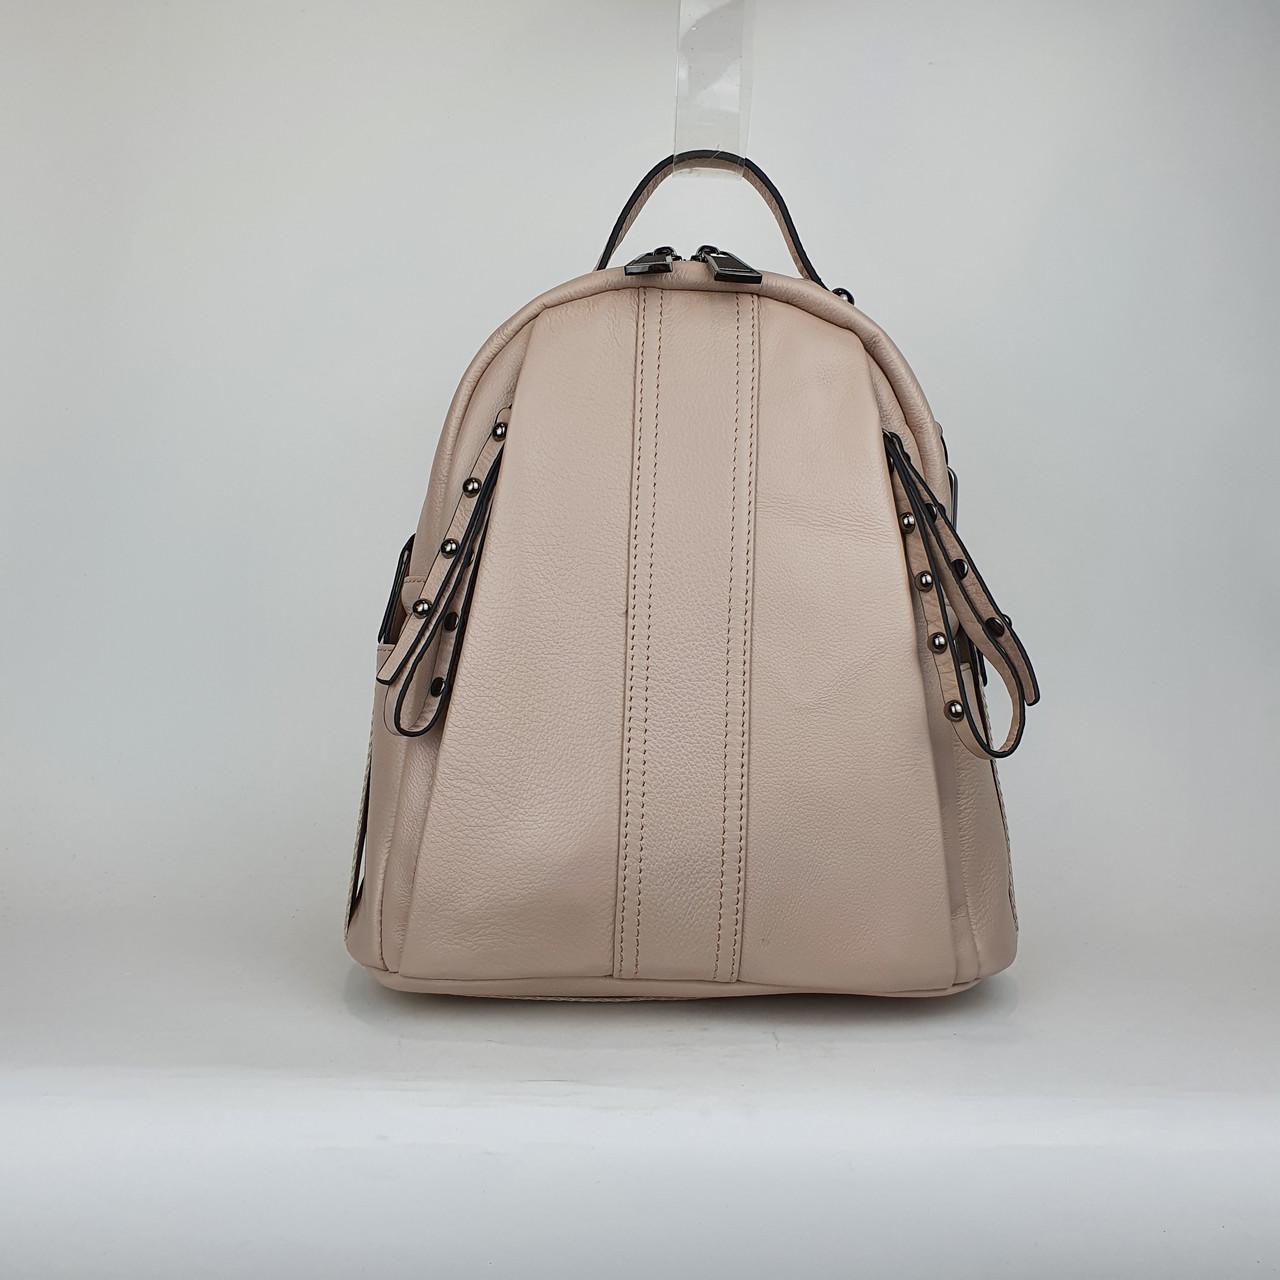 Міський сумка-рюкзак жіночий шкіряний рожевий пудровий H603 середній 29*22*14